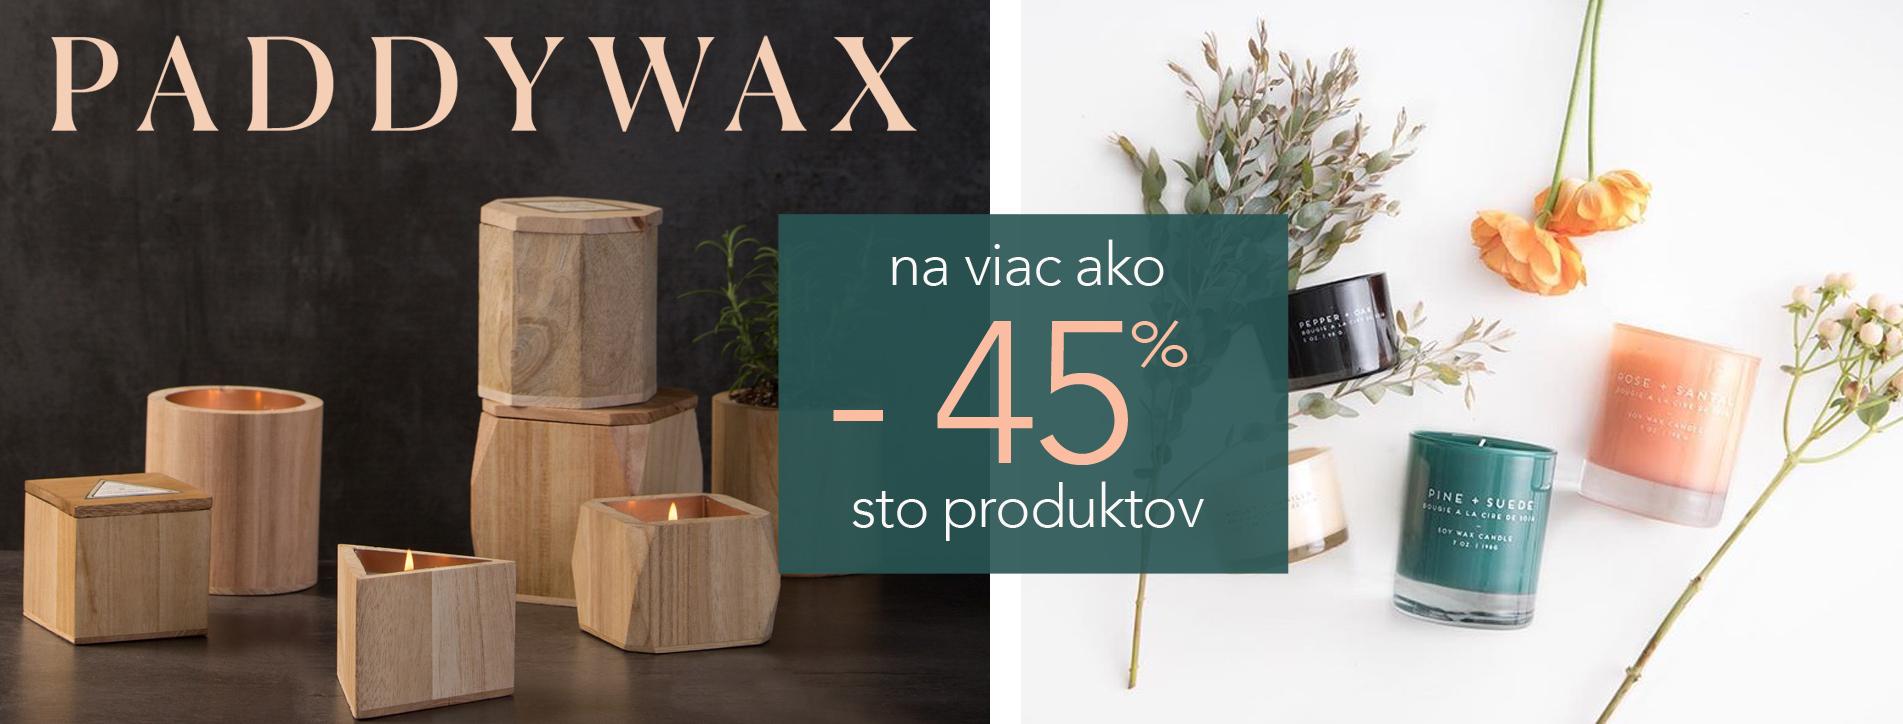 zlava 45% | Paddywax